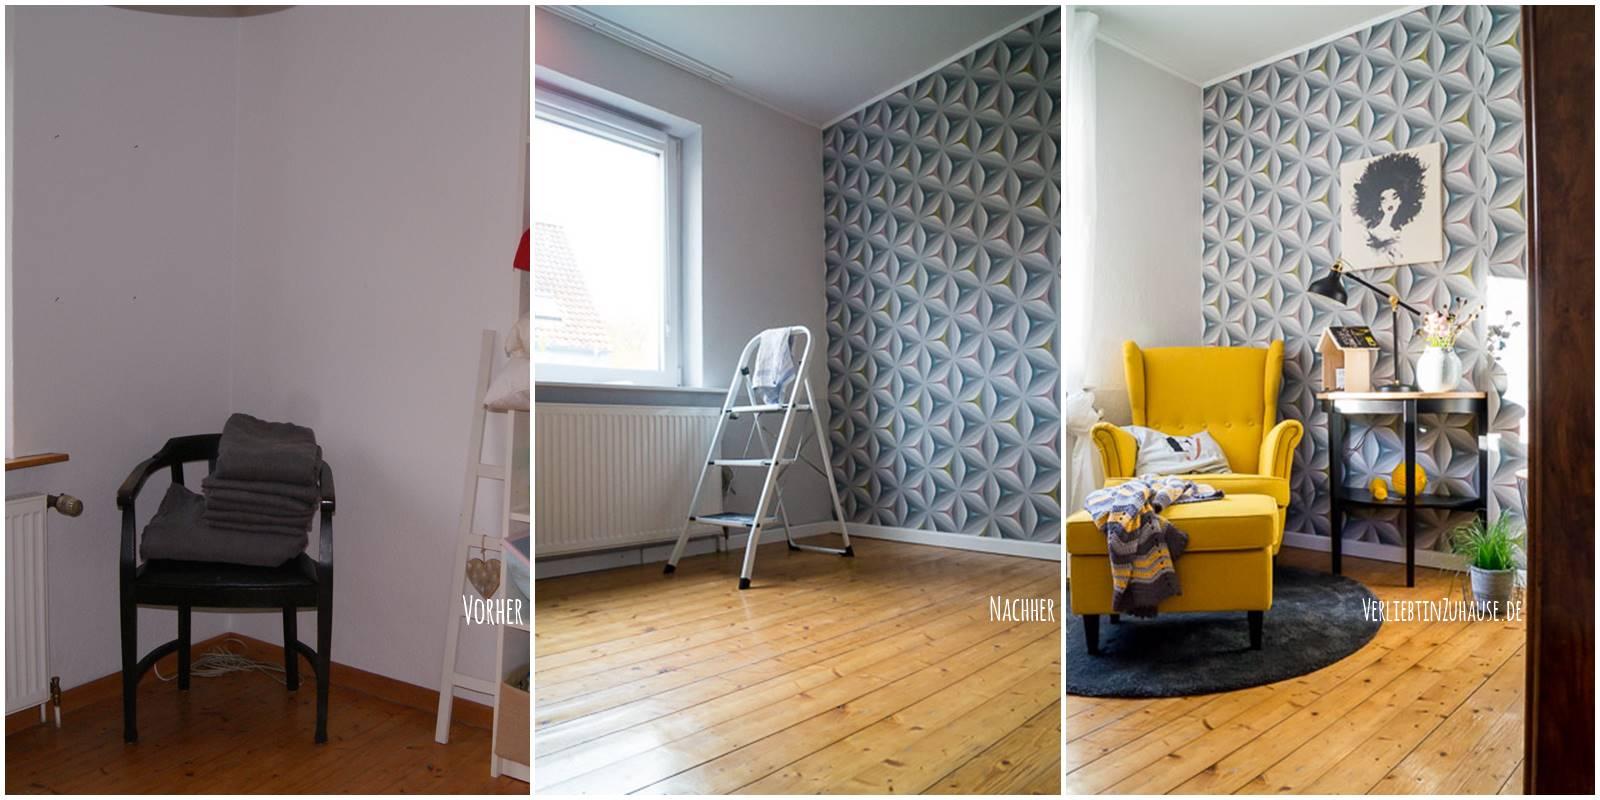 Verliebt in zuhause wie ich ein zimmer renovieren und for Neues zimmer einrichten